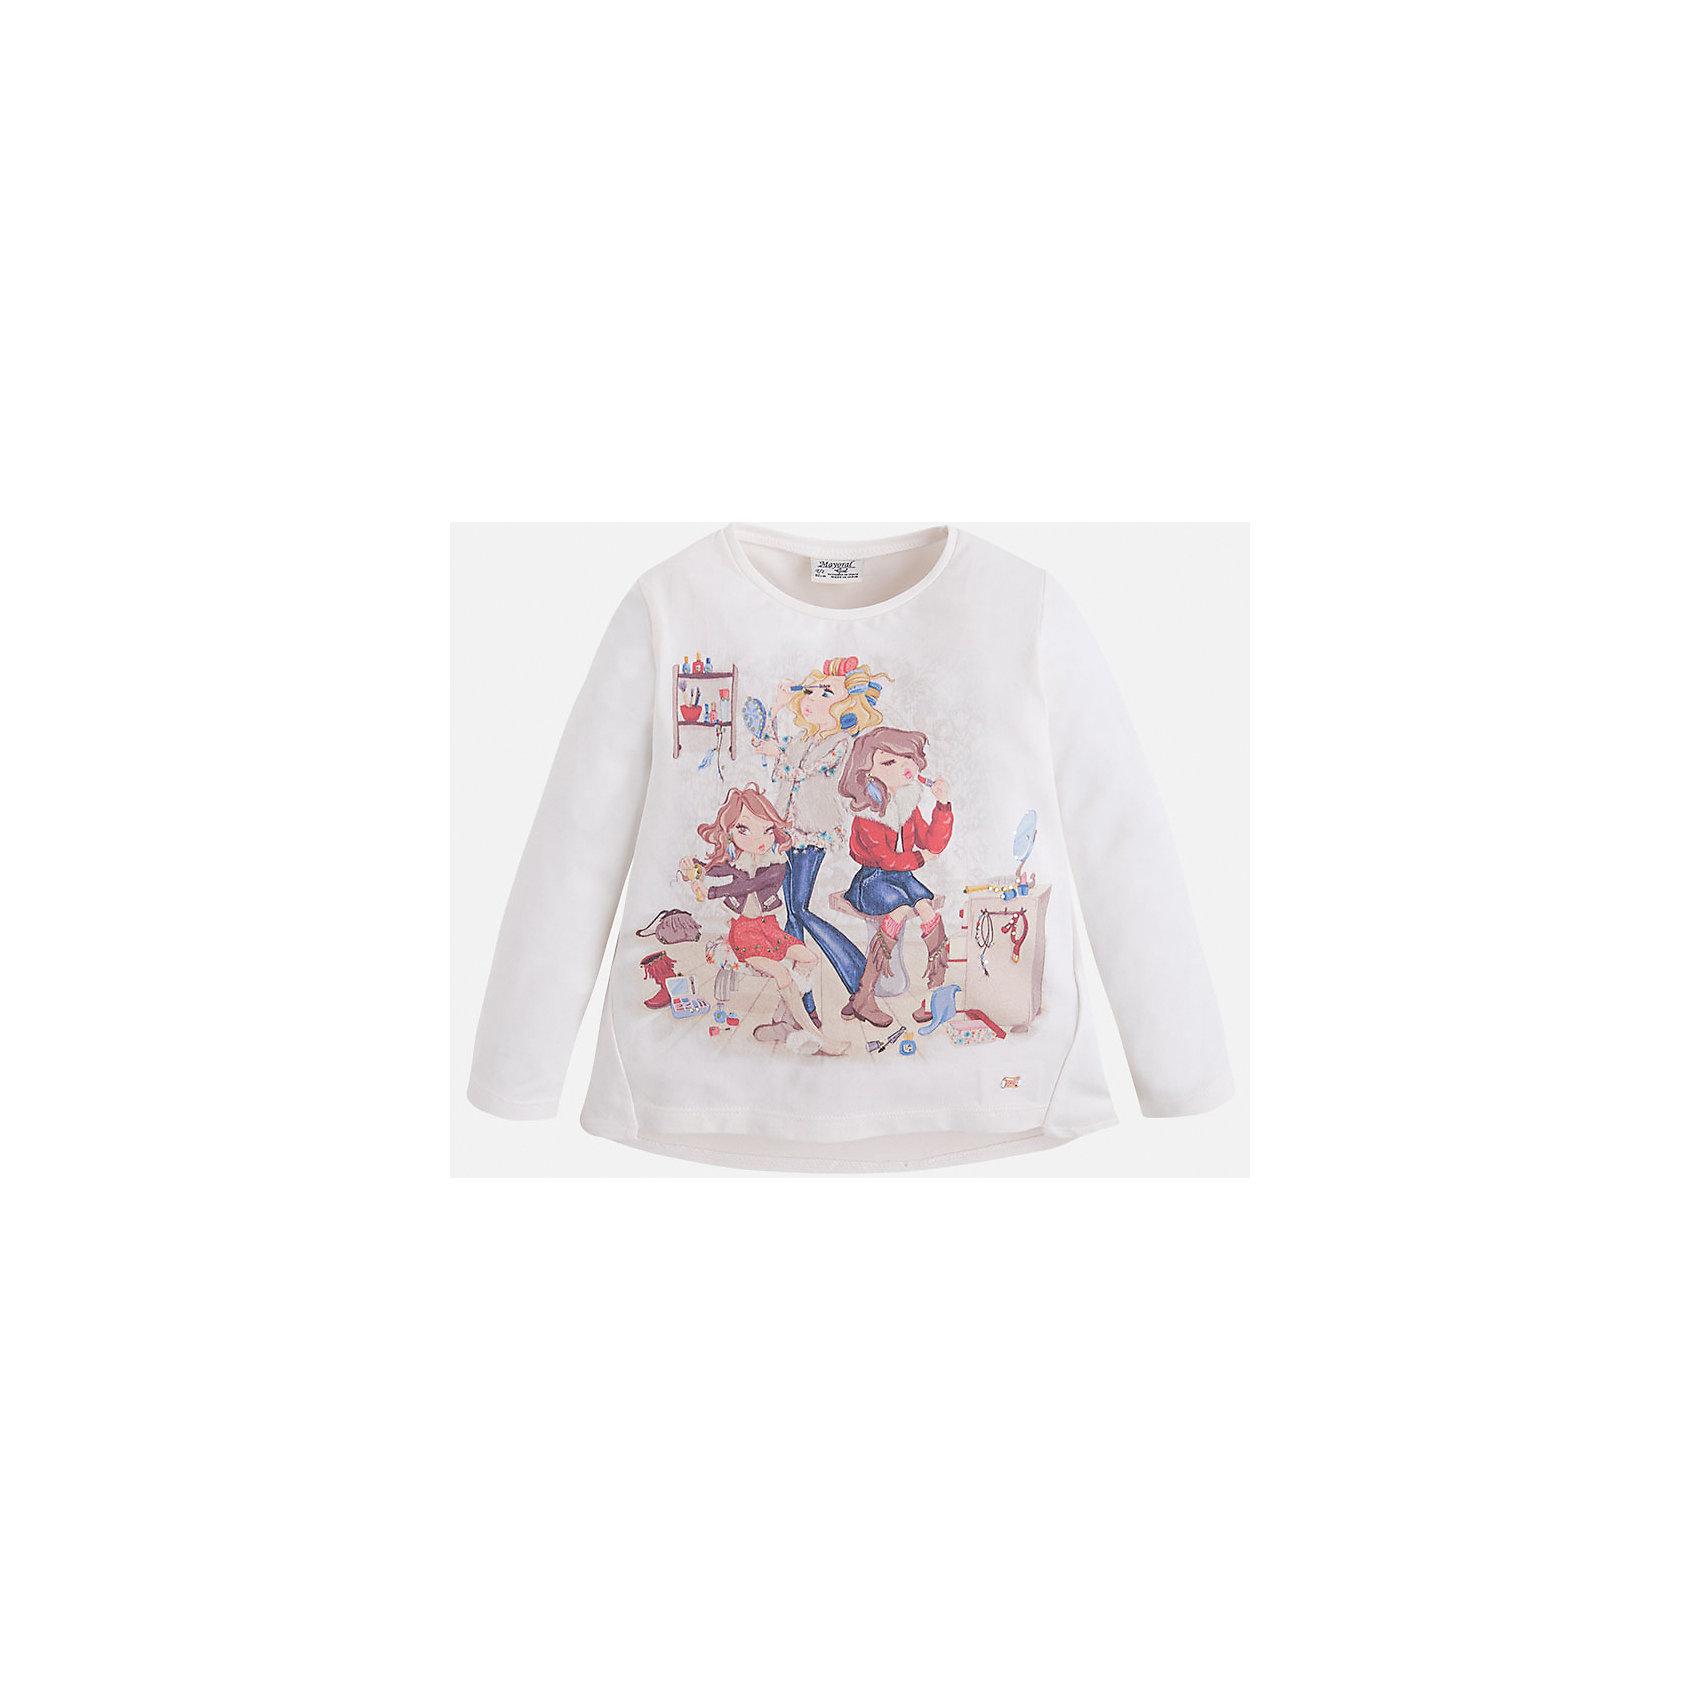 Футболка для девочки MayoralФутболка для девочки от известного испанского бренда Mayoral (Майорал). Эта модная и удобная футболка с длинным рукавом сочетает в себе стиль и простоту. Приятный молочно-белый цвет и яркий фото-принт с подружками и украшения стразами придут по вкусу вашей моднице. У футболки свободный крой, слегка расширяющийся к низу. Боковые швы выходят на лицевую нижнюю часть футболки. Отличное пополнение для сезона осень-зима. К этой футболке подойдут как классические юбки и брюки, так и джинсы или штаны спортивного кроя. <br><br>Дополнительная информация:<br><br>- Силуэт: расширяющийся к низу<br>- Рукав: длинный<br>- Длина: средняя<br><br>Состав: 92% хлопок, 8% эластан<br><br>Футболку для девочки Mayoral (Майорал) можно купить в нашем интернет-магазине.<br><br>Подробнее:<br>• Для детей в возрасте: от 4 до 9 лет<br>• Номер товара: 4846484<br>Страна производитель: Индия<br><br>Ширина мм: 199<br>Глубина мм: 10<br>Высота мм: 161<br>Вес г: 151<br>Цвет: белый<br>Возраст от месяцев: 48<br>Возраст до месяцев: 60<br>Пол: Женский<br>Возраст: Детский<br>Размер: 110,92,134,98,116,122,128,104<br>SKU: 4846484